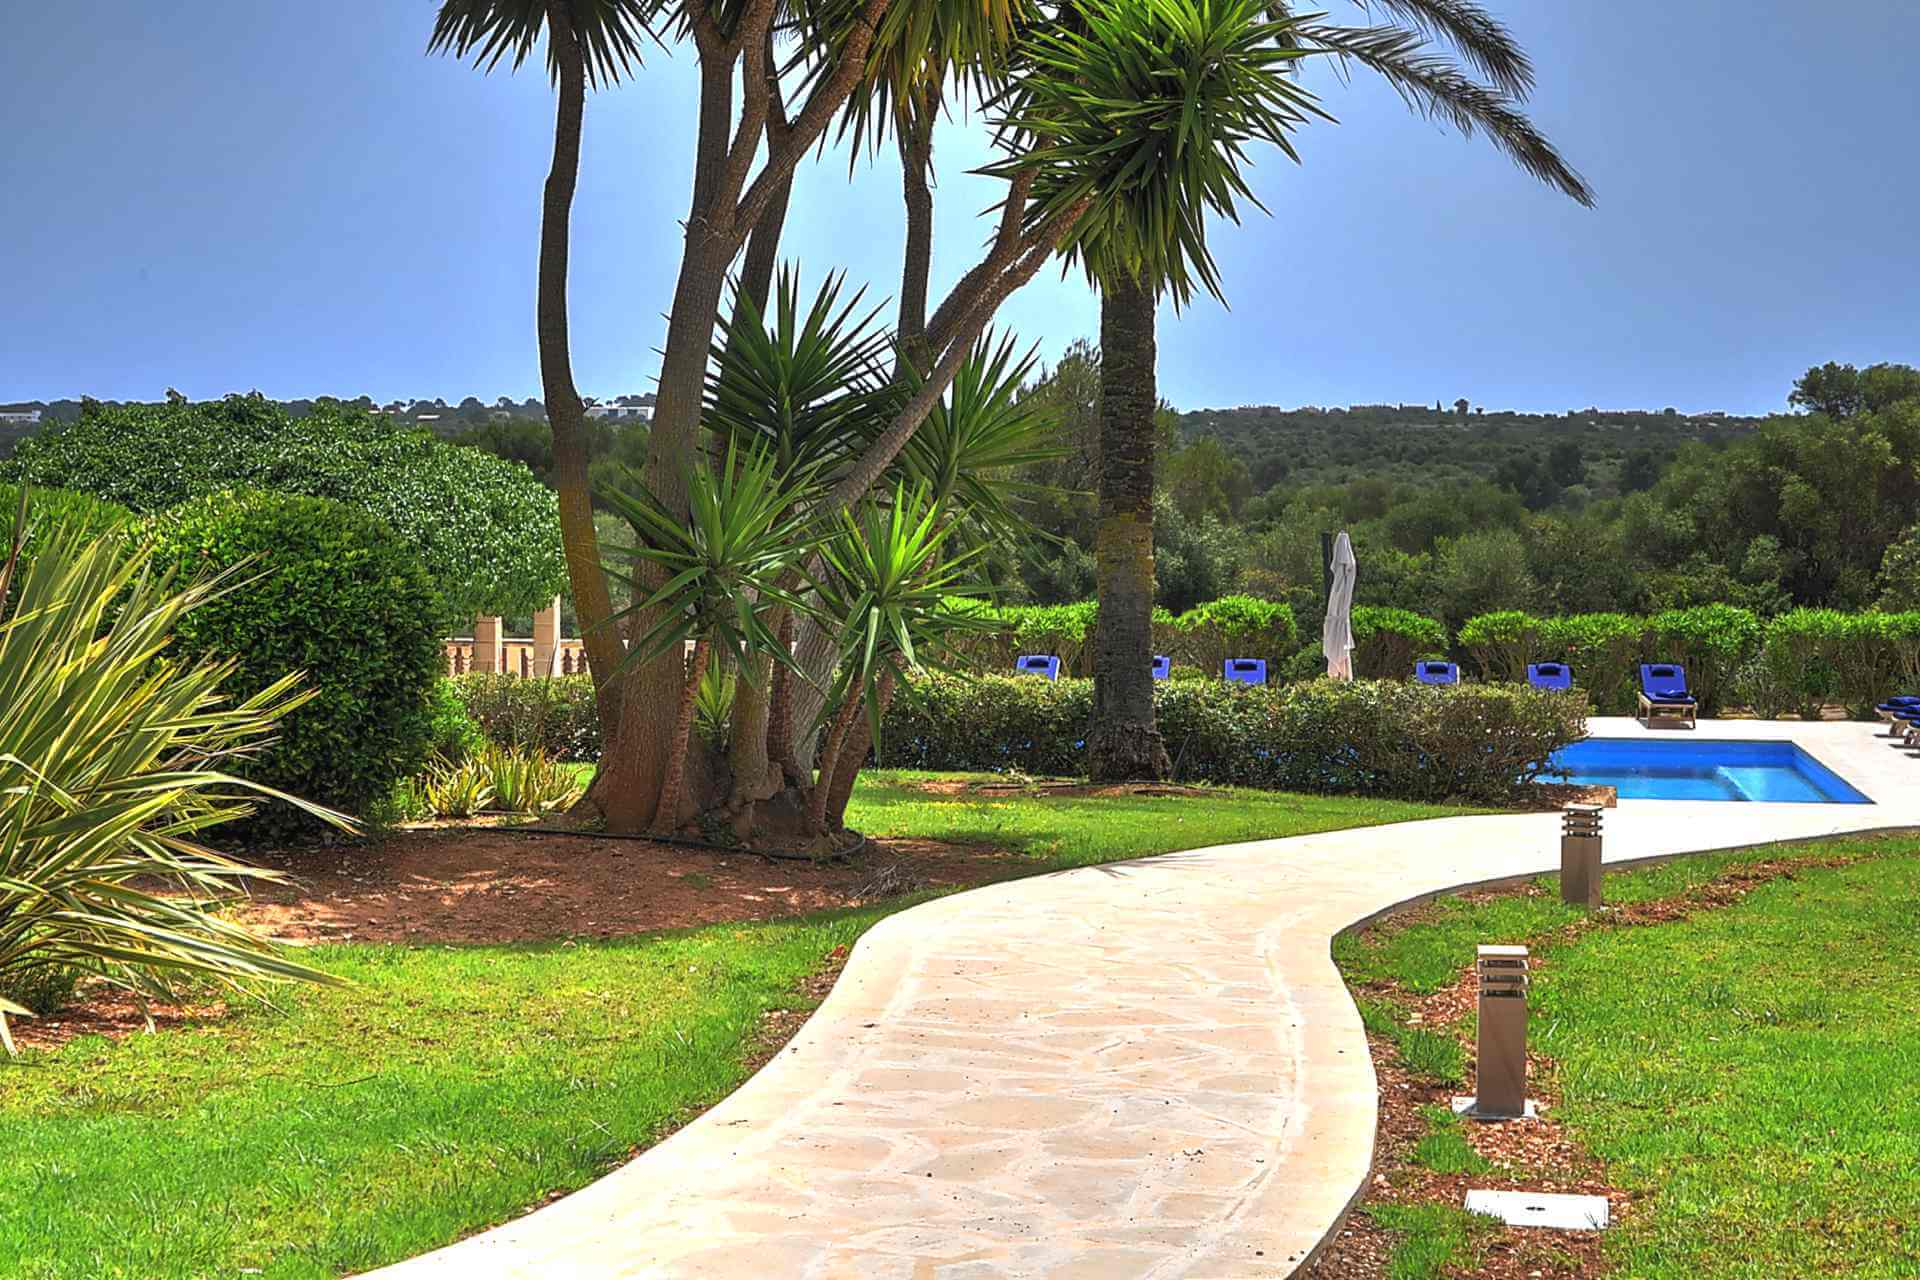 01-319 riesige luxus Finca Mallorca Osten Bild 5